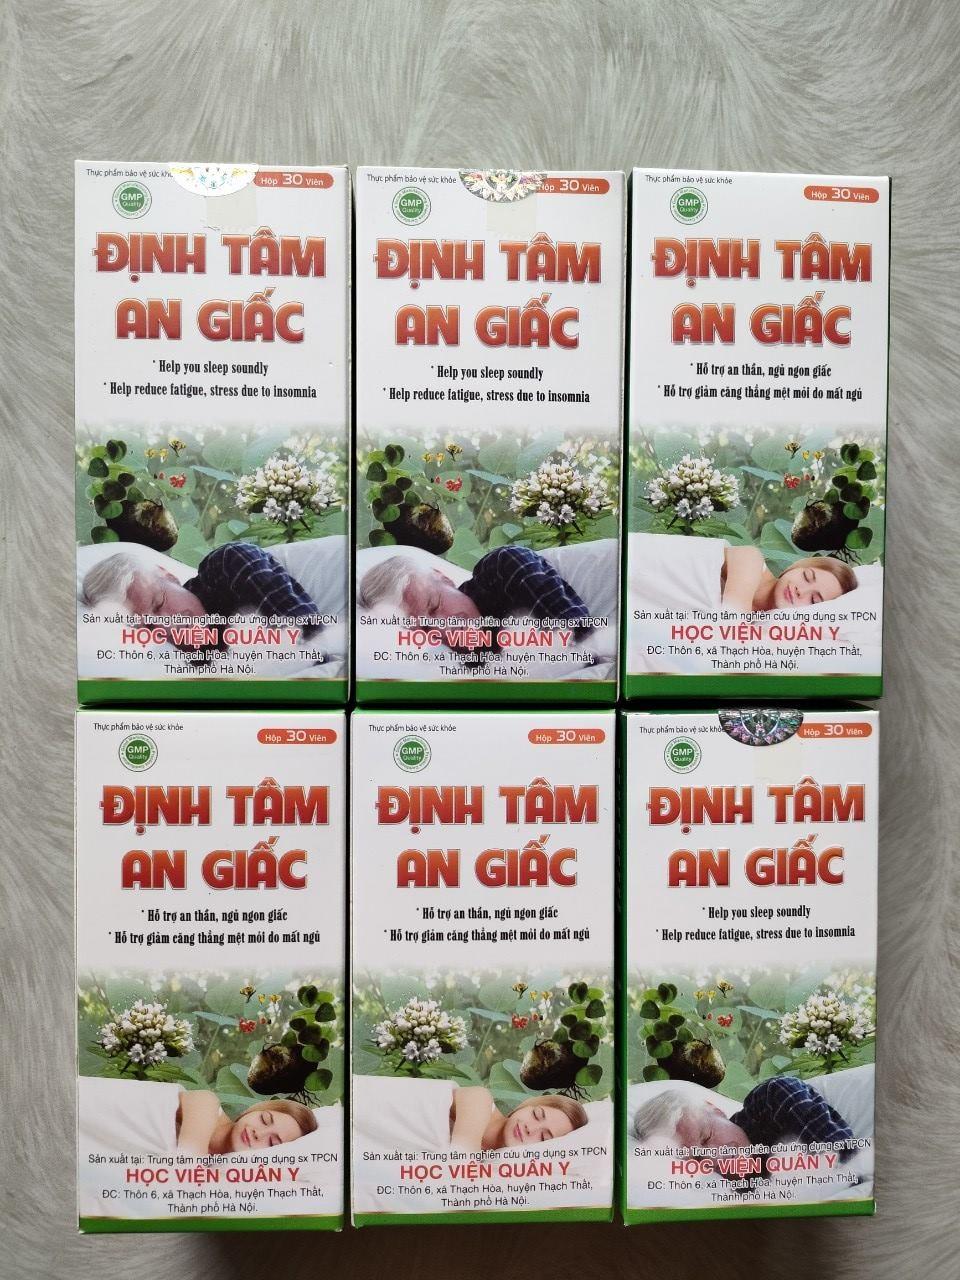 Dinh Tam An Giac 20212